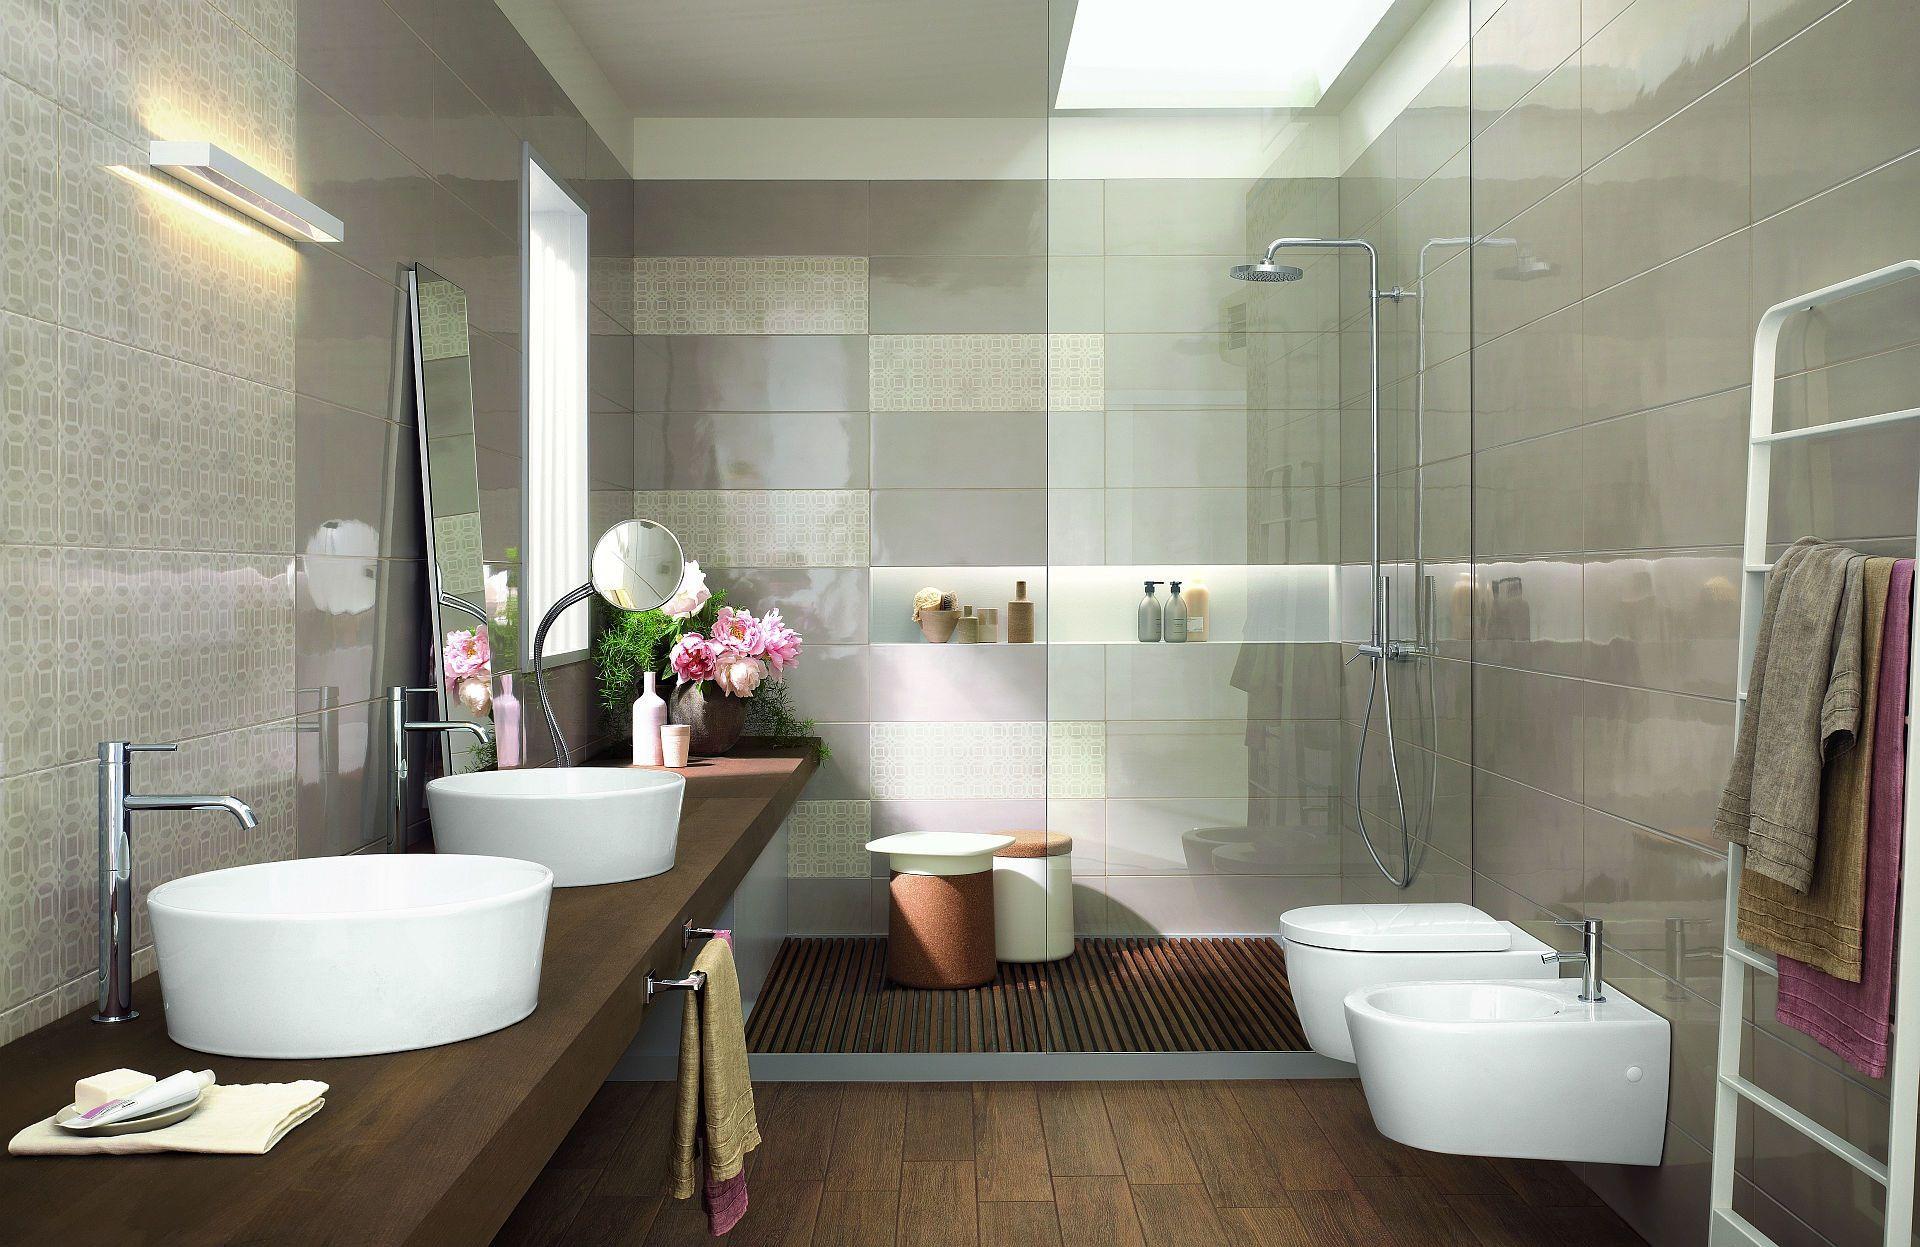 Ceramiche marazzi sala da bagno arredamento bagno for Ceramiche da bagno